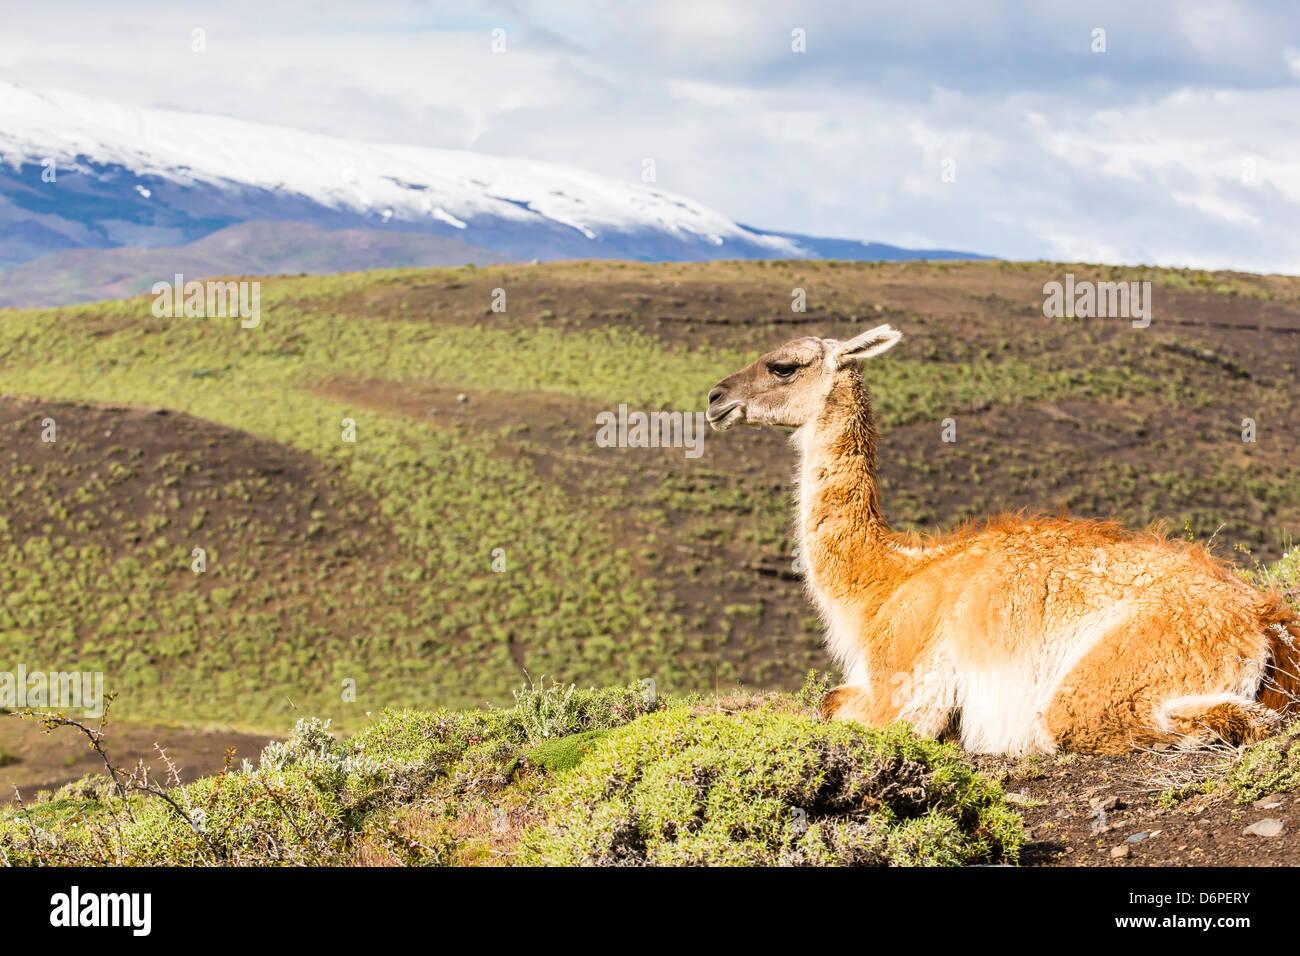 Adulto guanaco (Lama guanicoe), il Parco Nazionale di Torres del Paine nella Patagonia cilena, Sud America Foto Stock